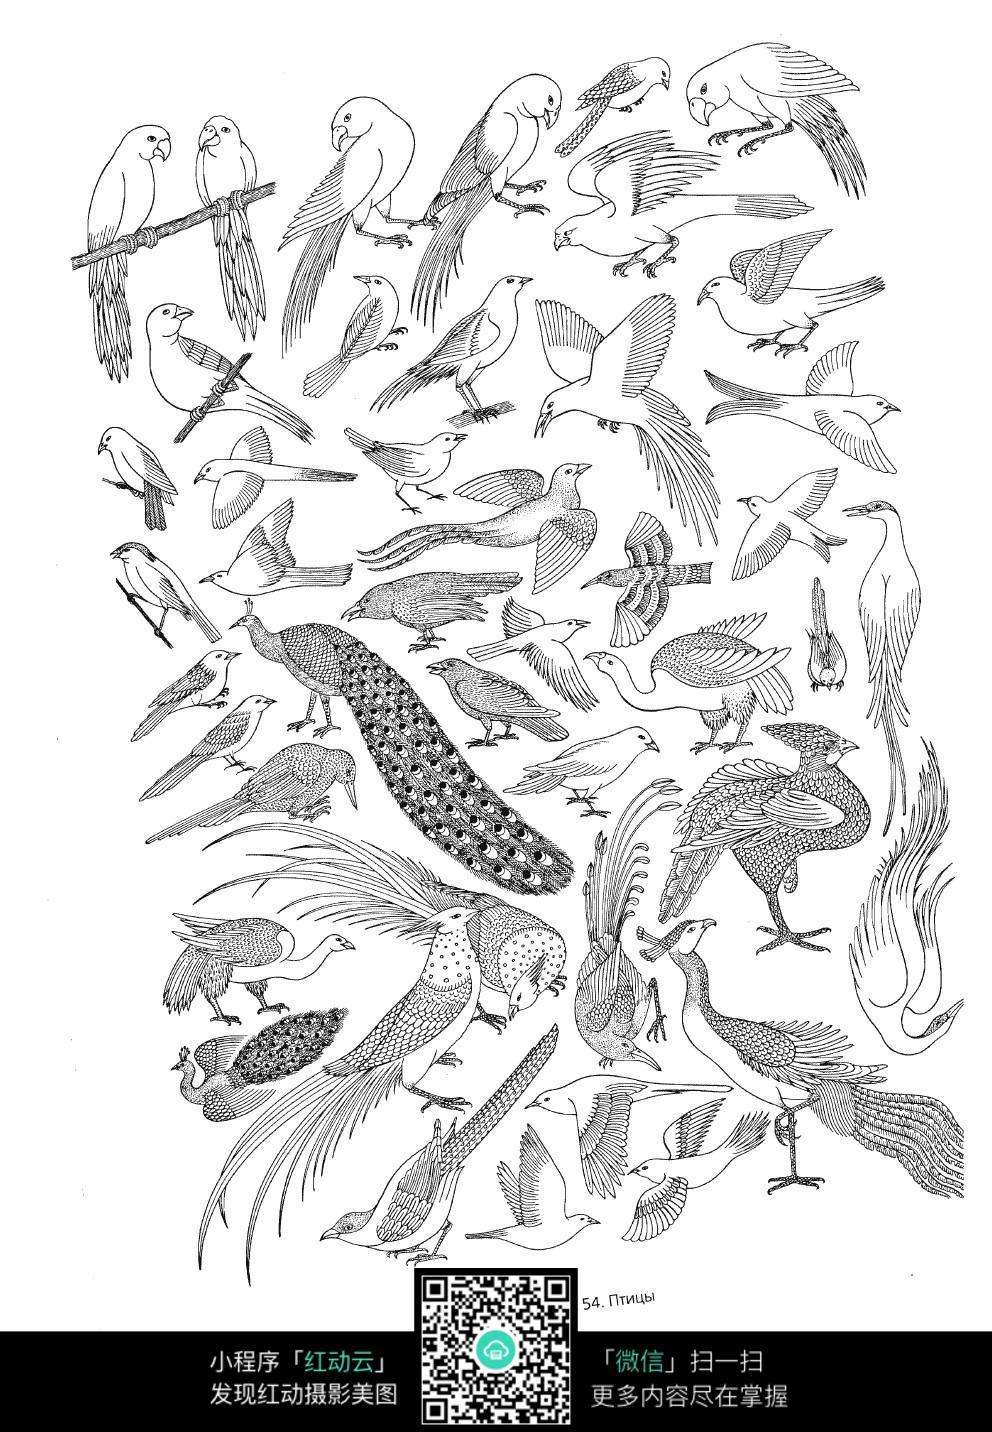 鸟类孔雀手绘线描图形